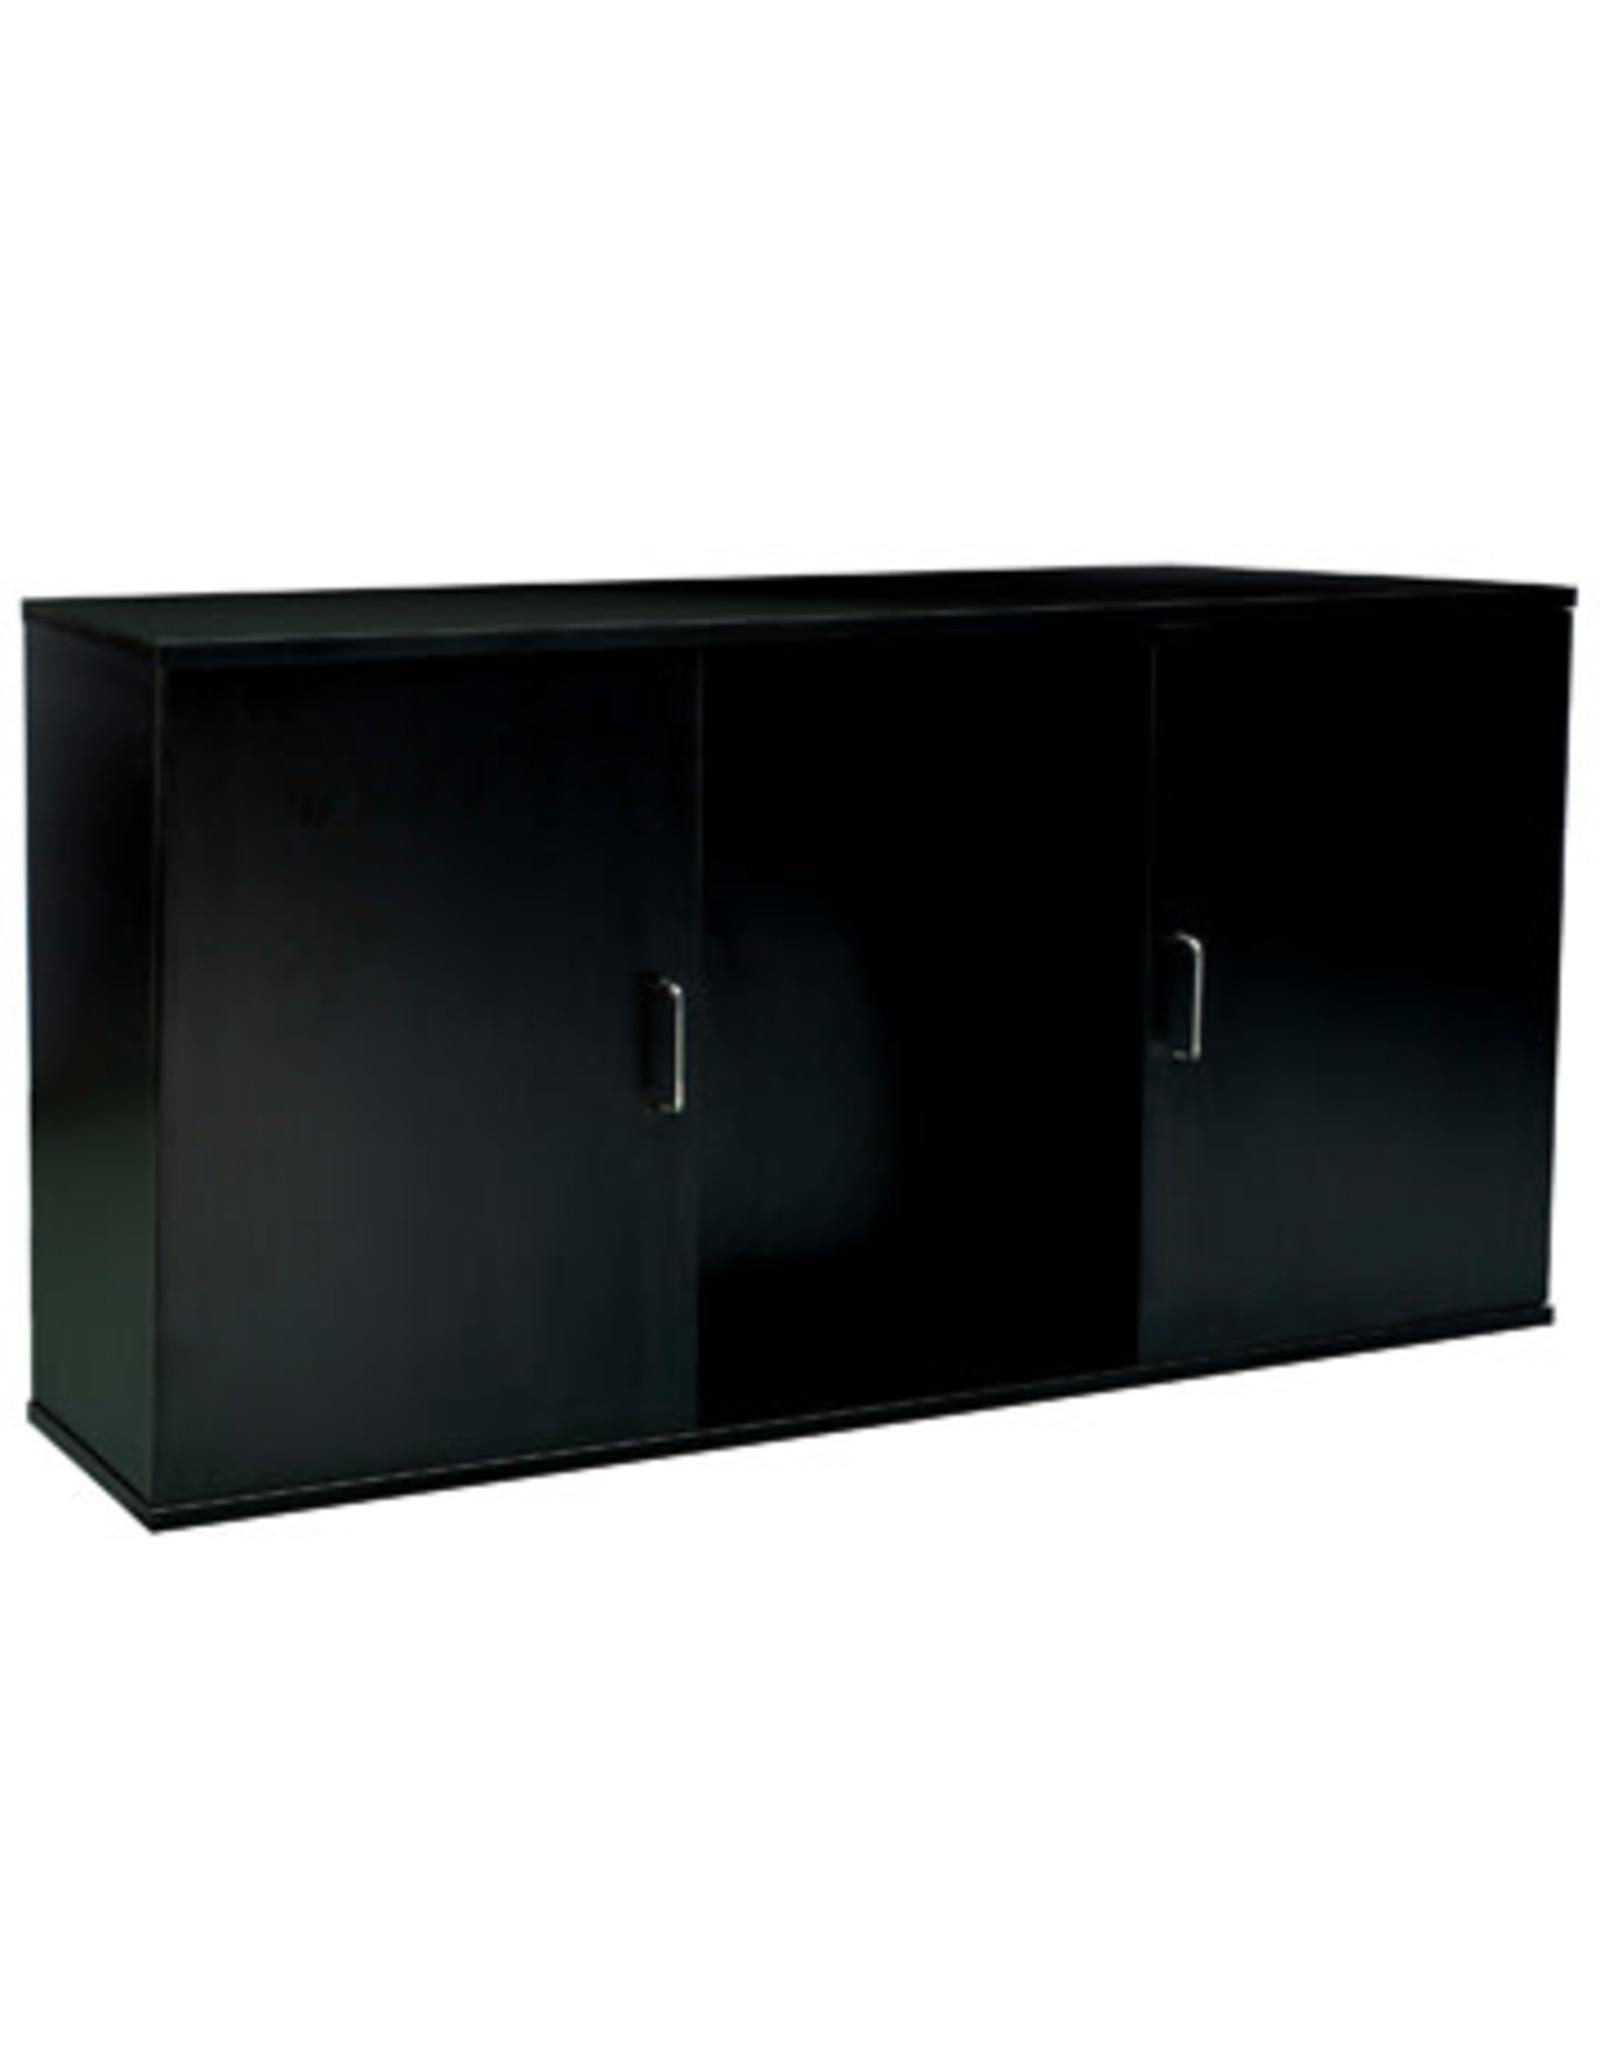 """Fluval Fluval Aquarium Cabinet - 48.78"""" x 13.25"""" x 26"""" (124 cm x 33.7 cm x 66 cm) - Black"""